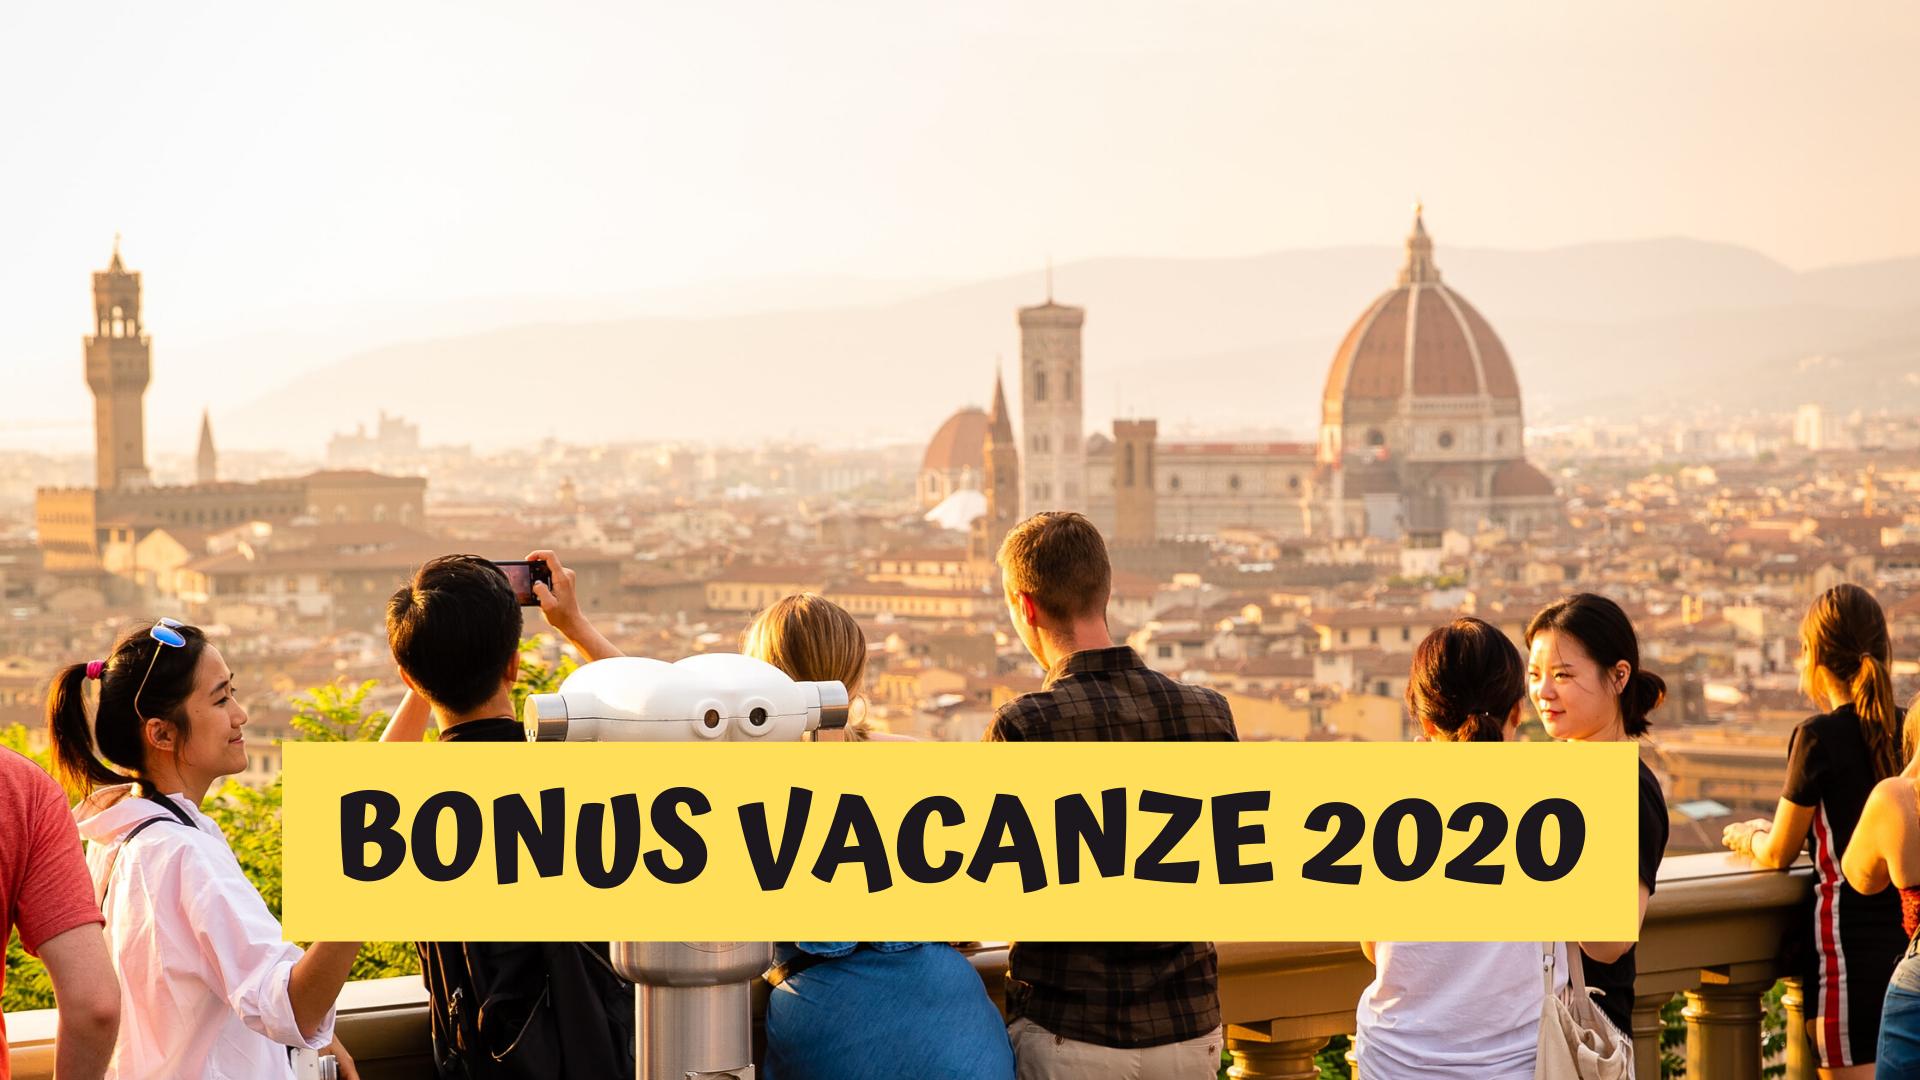 come funziona il bonus vacanze 2020